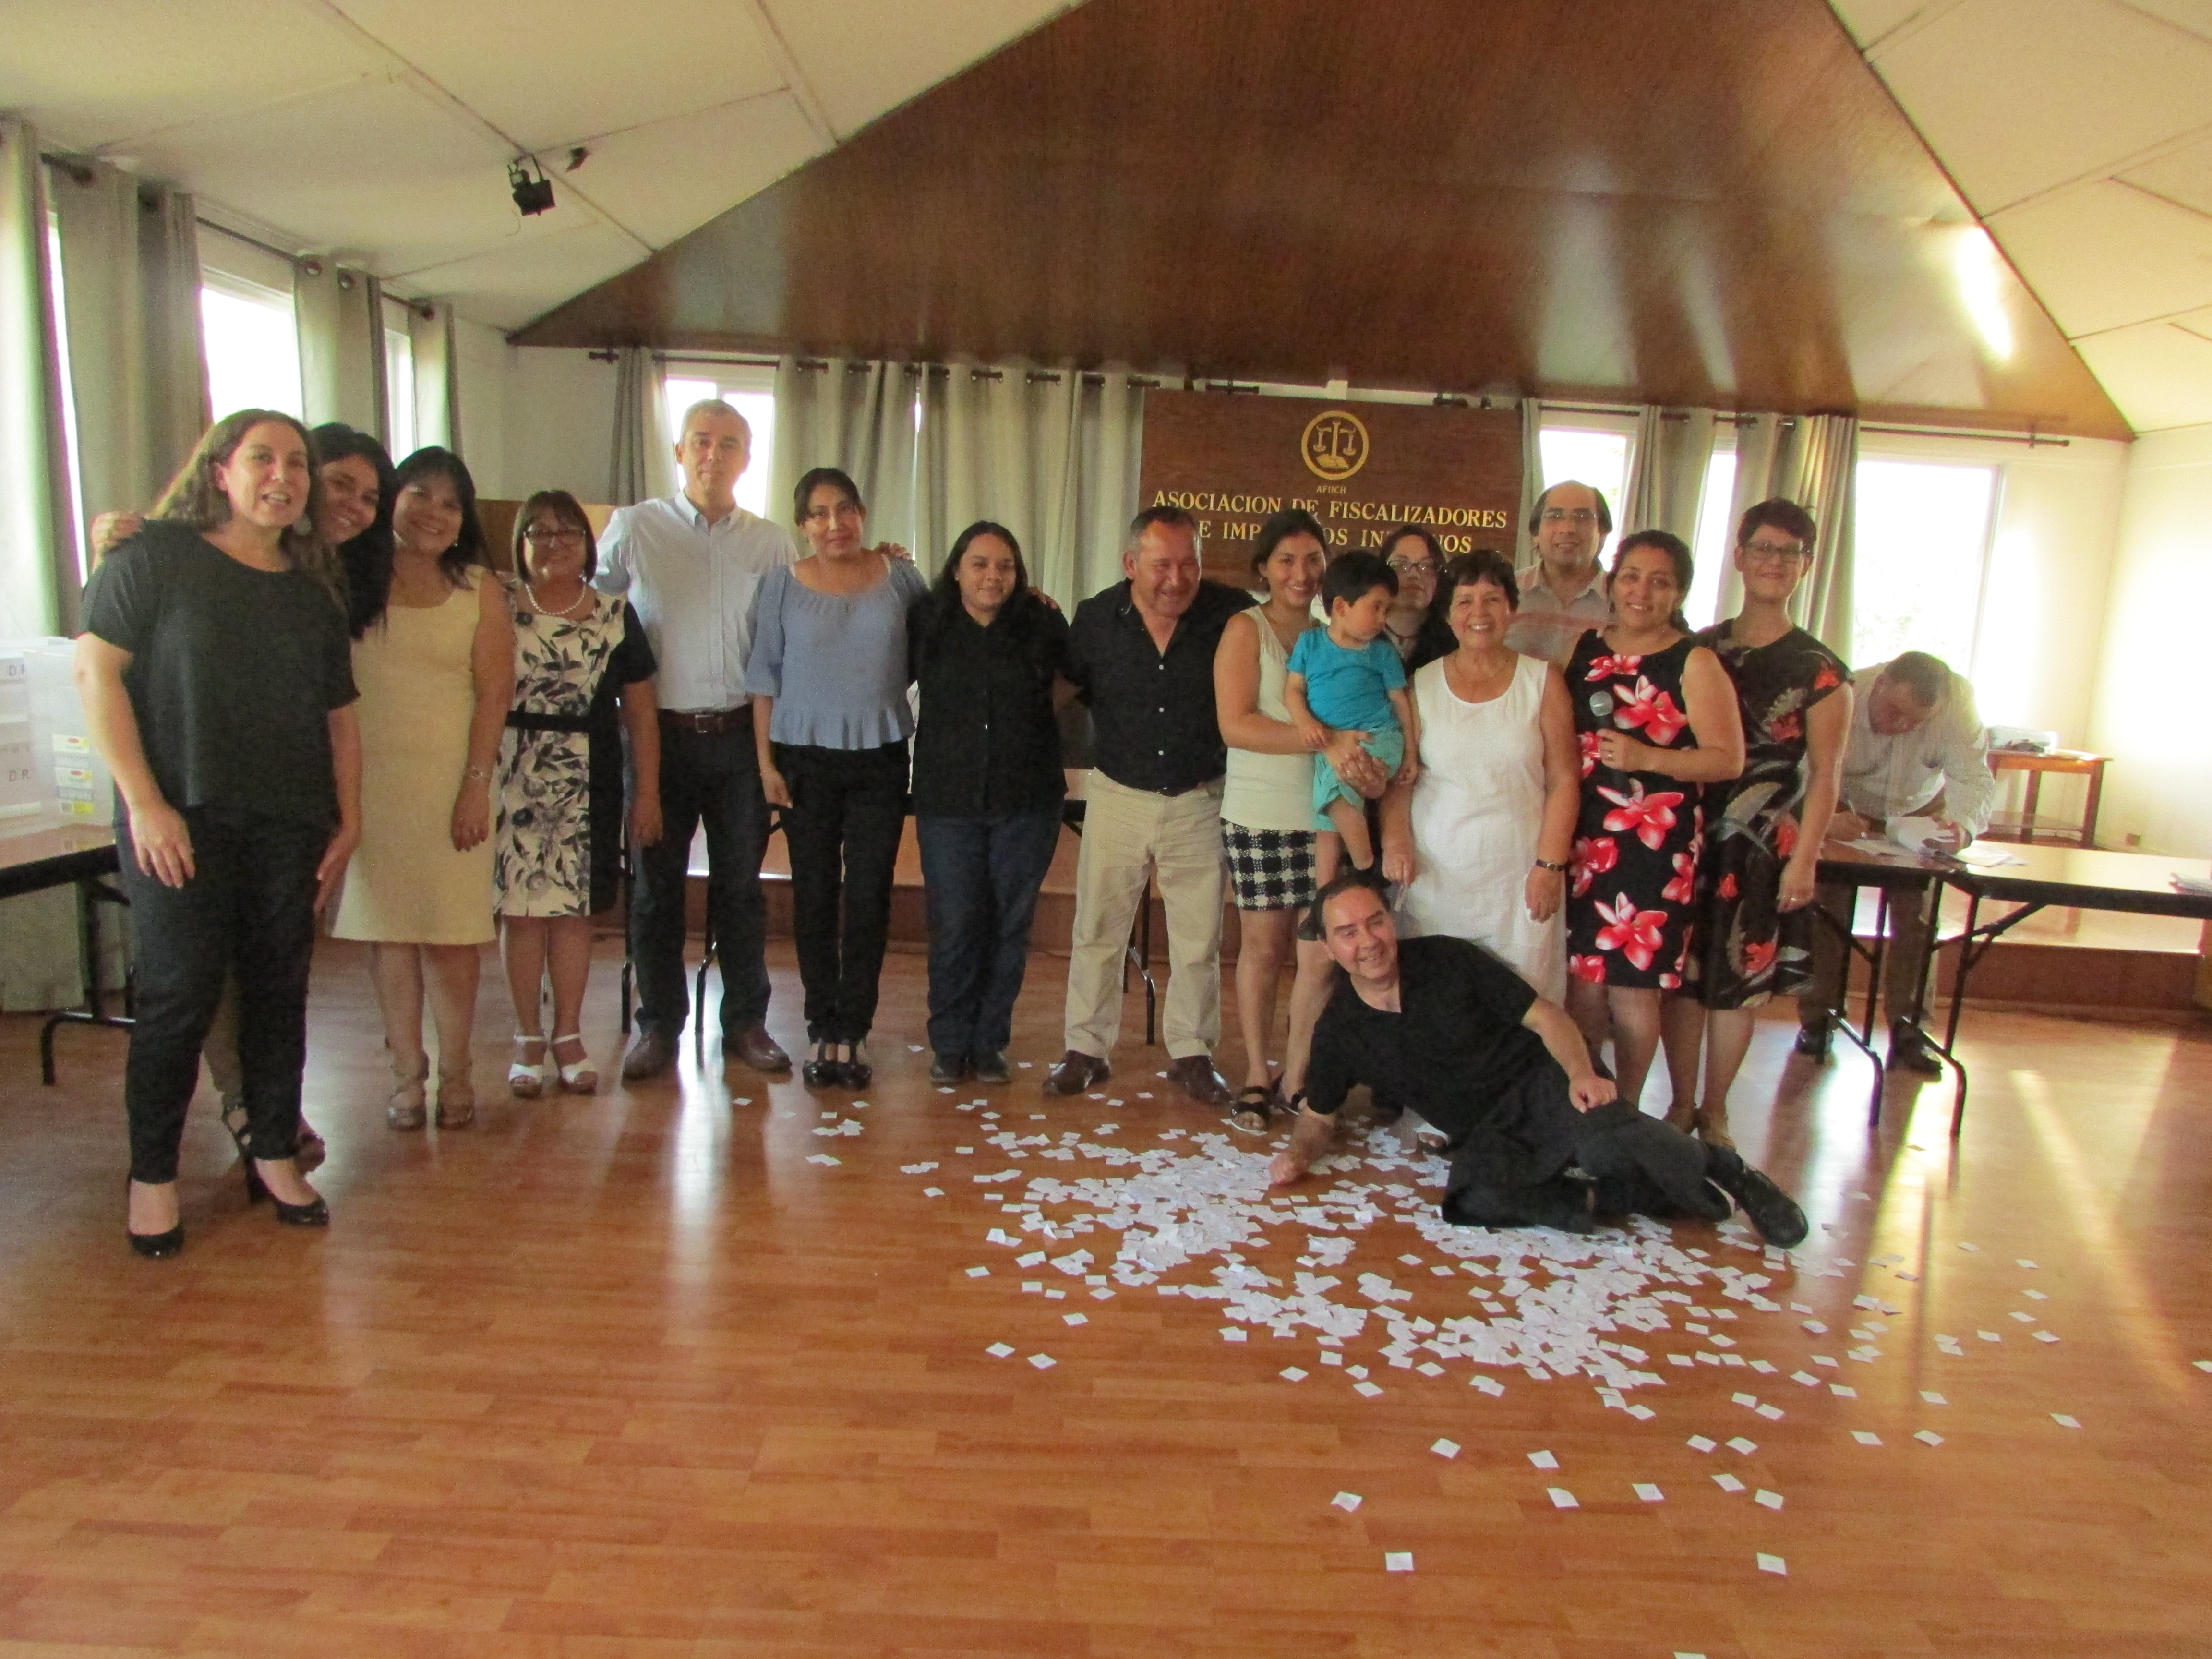 Comisión C.A.S.A – AFIICH realizó su tradicional Rifa - 14 Diciembre 2016